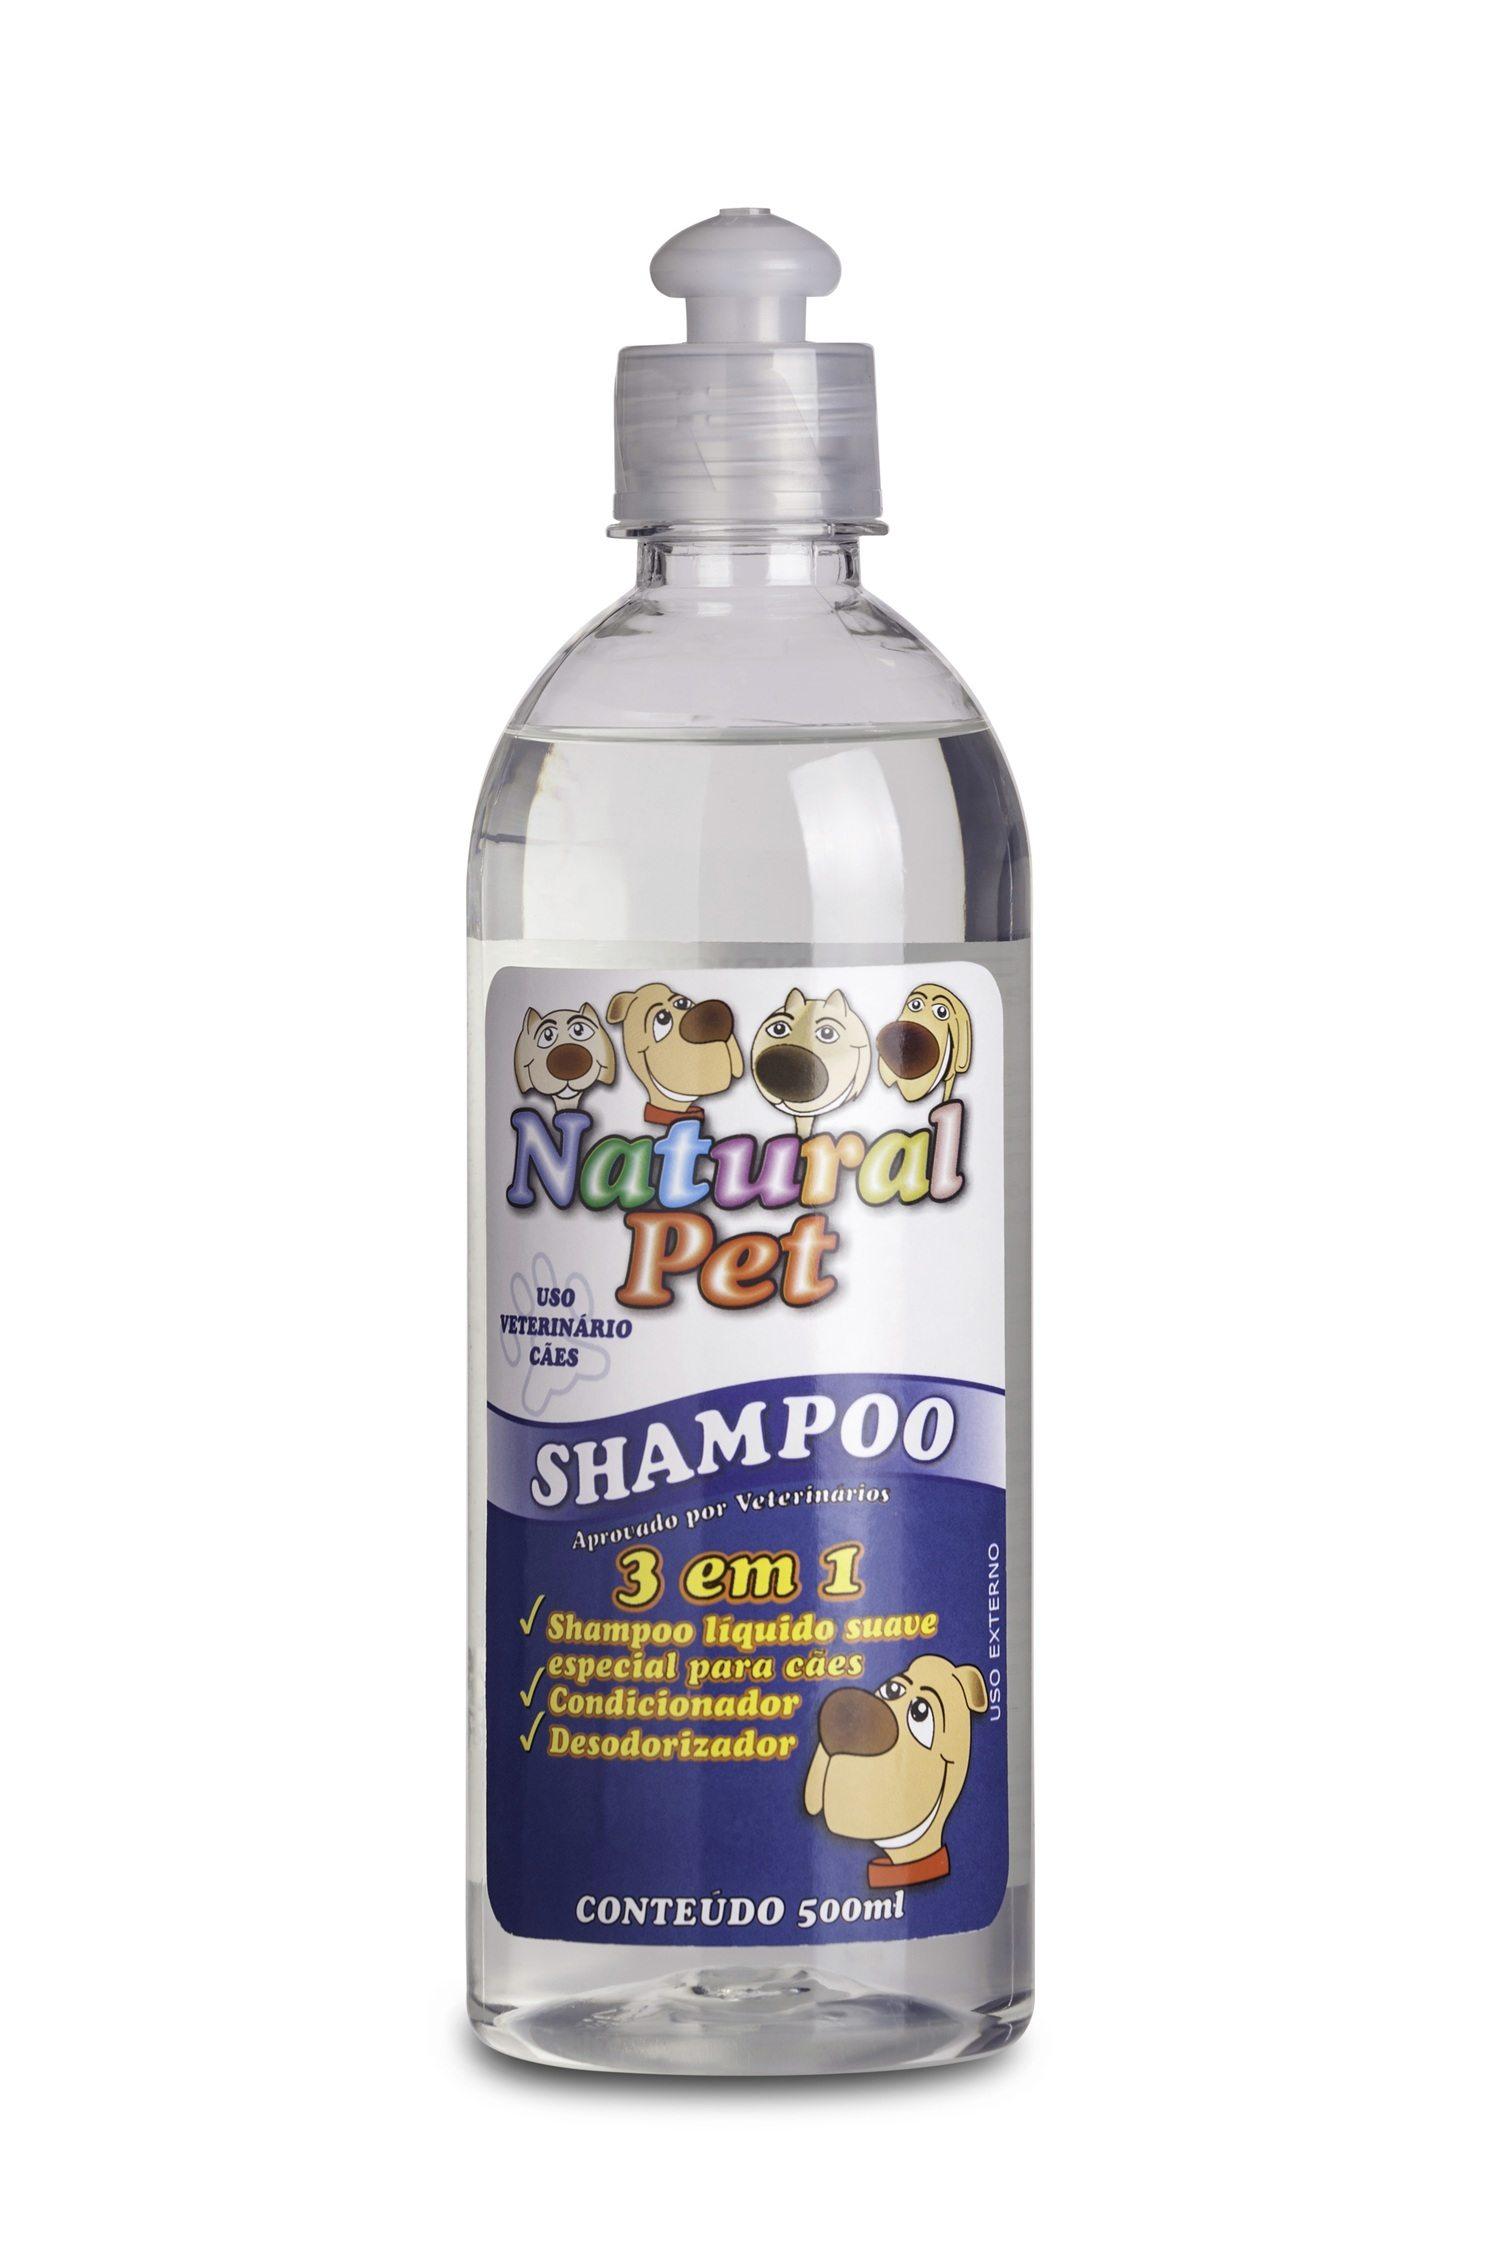 SHAMPOO 3 EM 1 CÃES NATURAL PET 500ML USO VETERINÁRIO